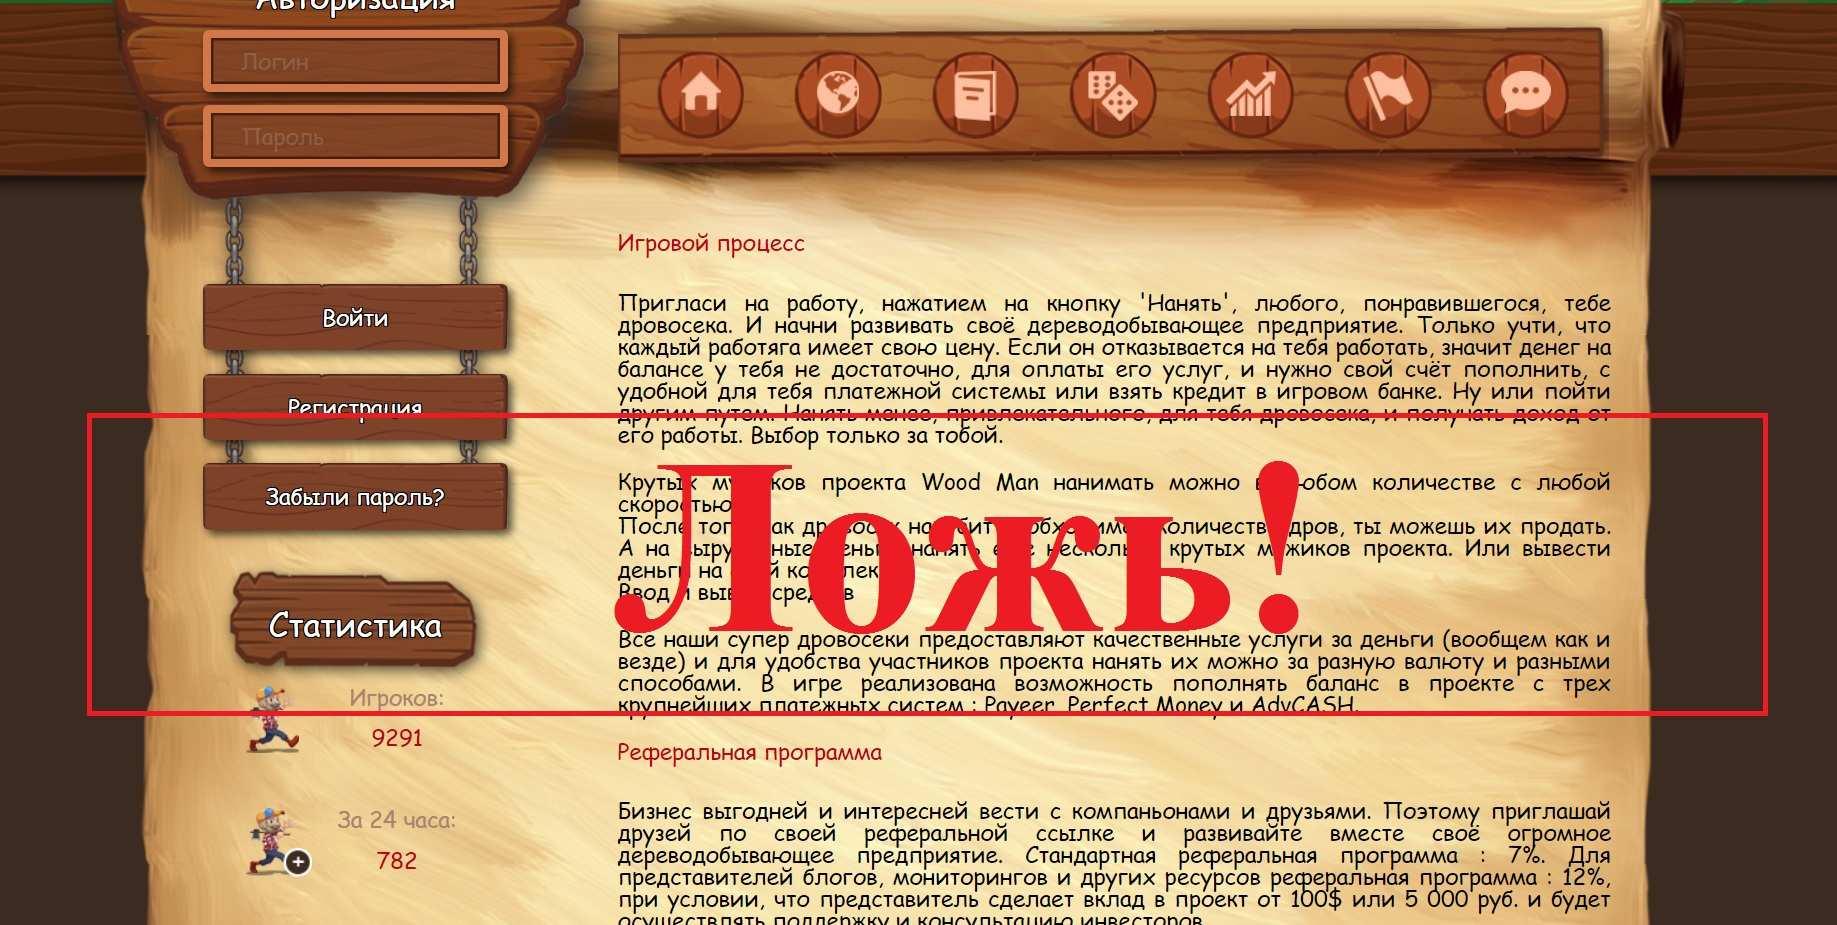 Игра Лесоруб – отзывы и маркетинг Woodman